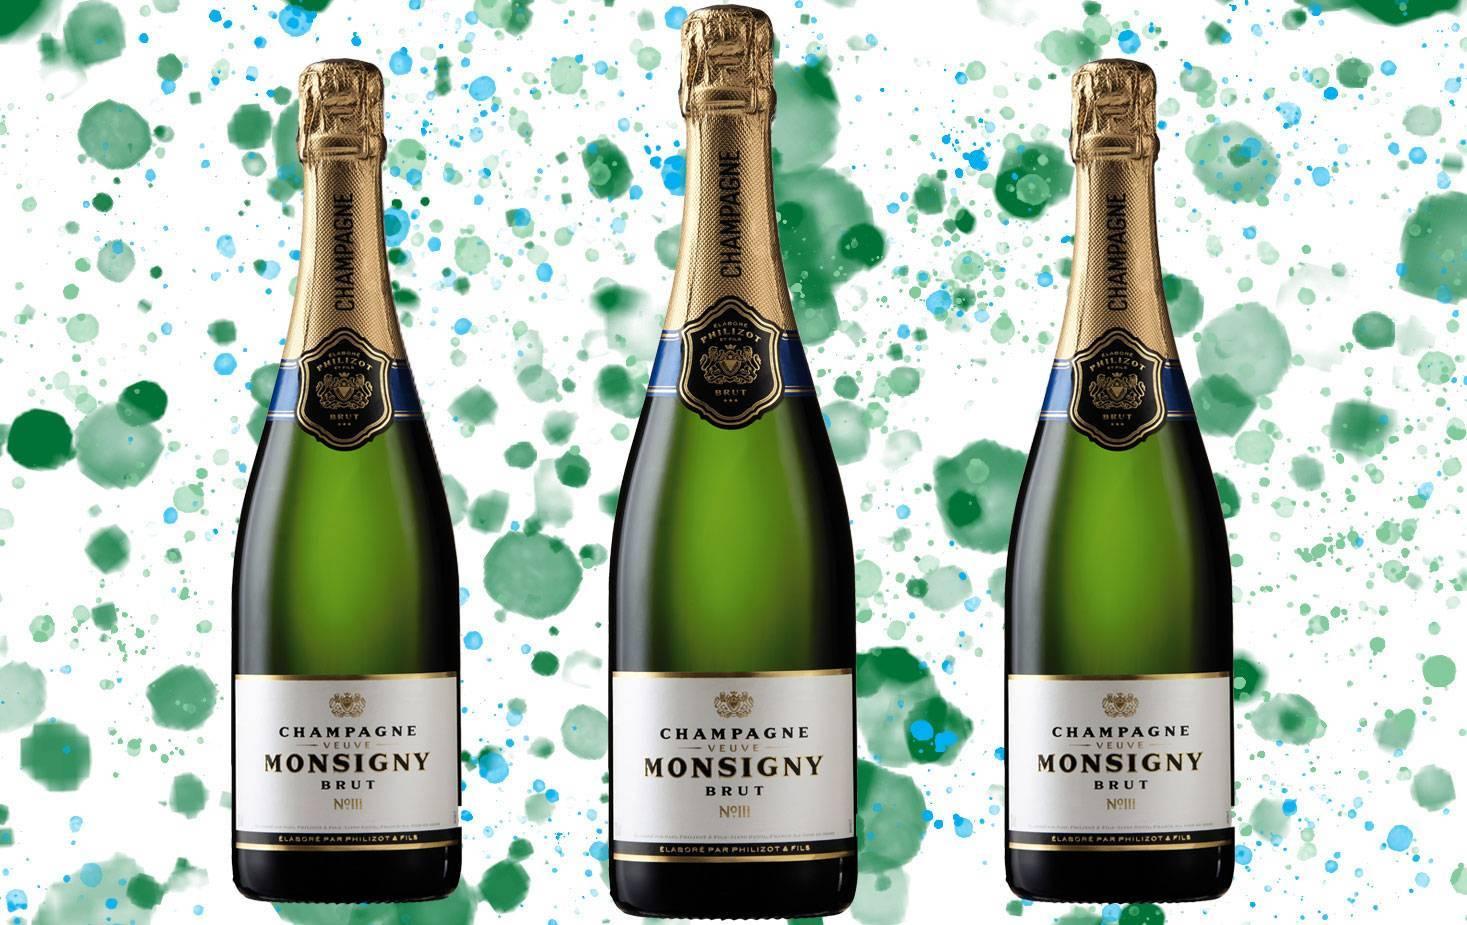 Шампанское брют. калорийность шампанского брют